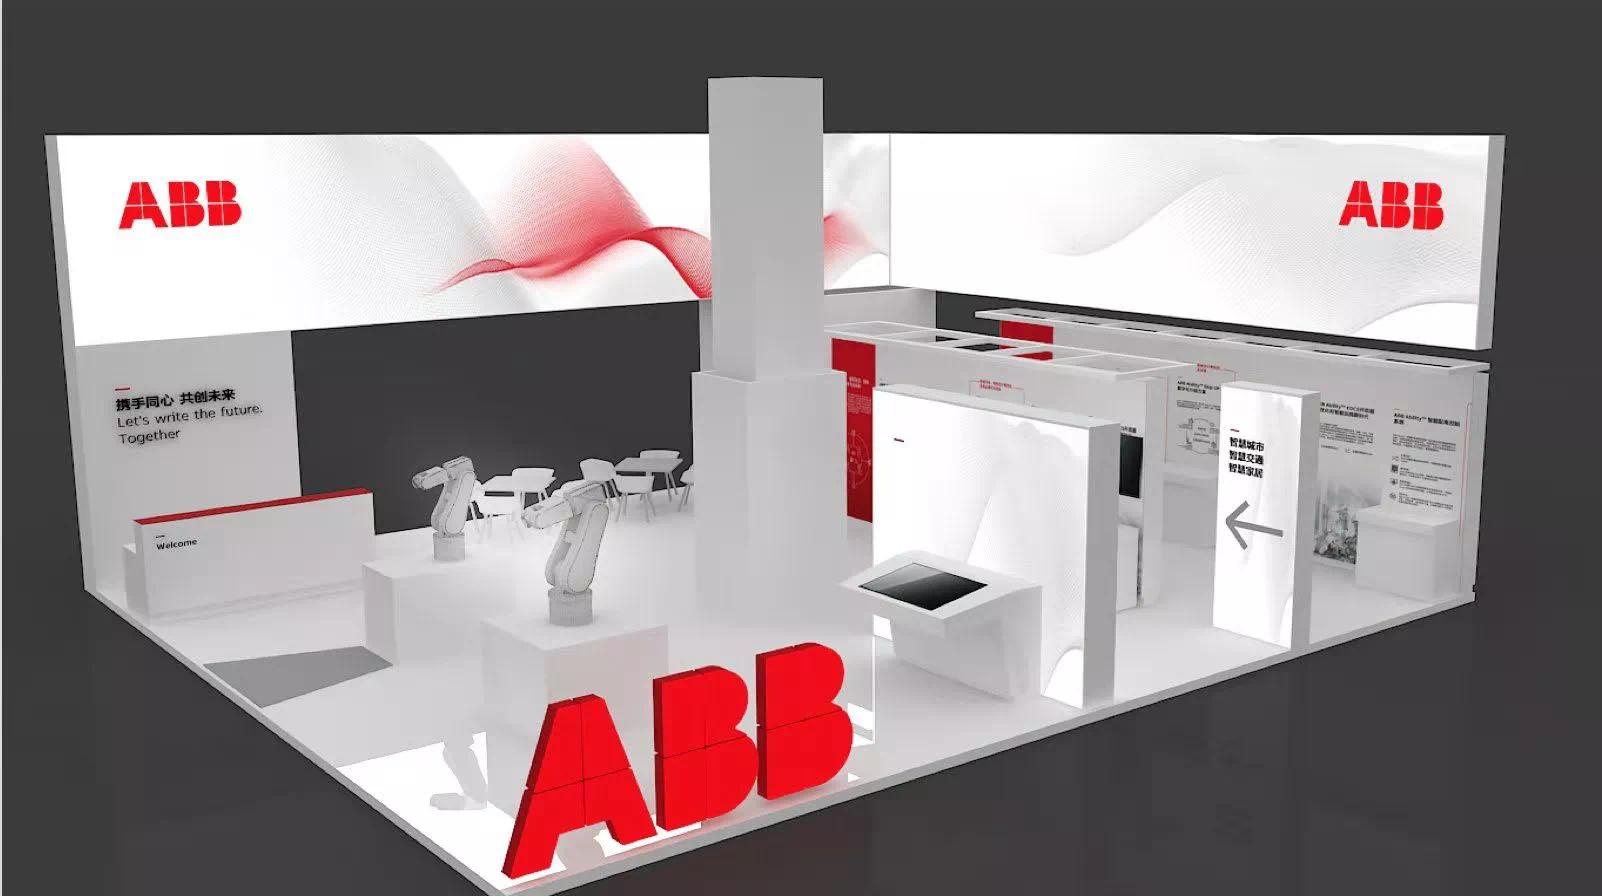 ABB将亮相2021世界人工智能大会,展示最新的机器人、电气产品与解决方案